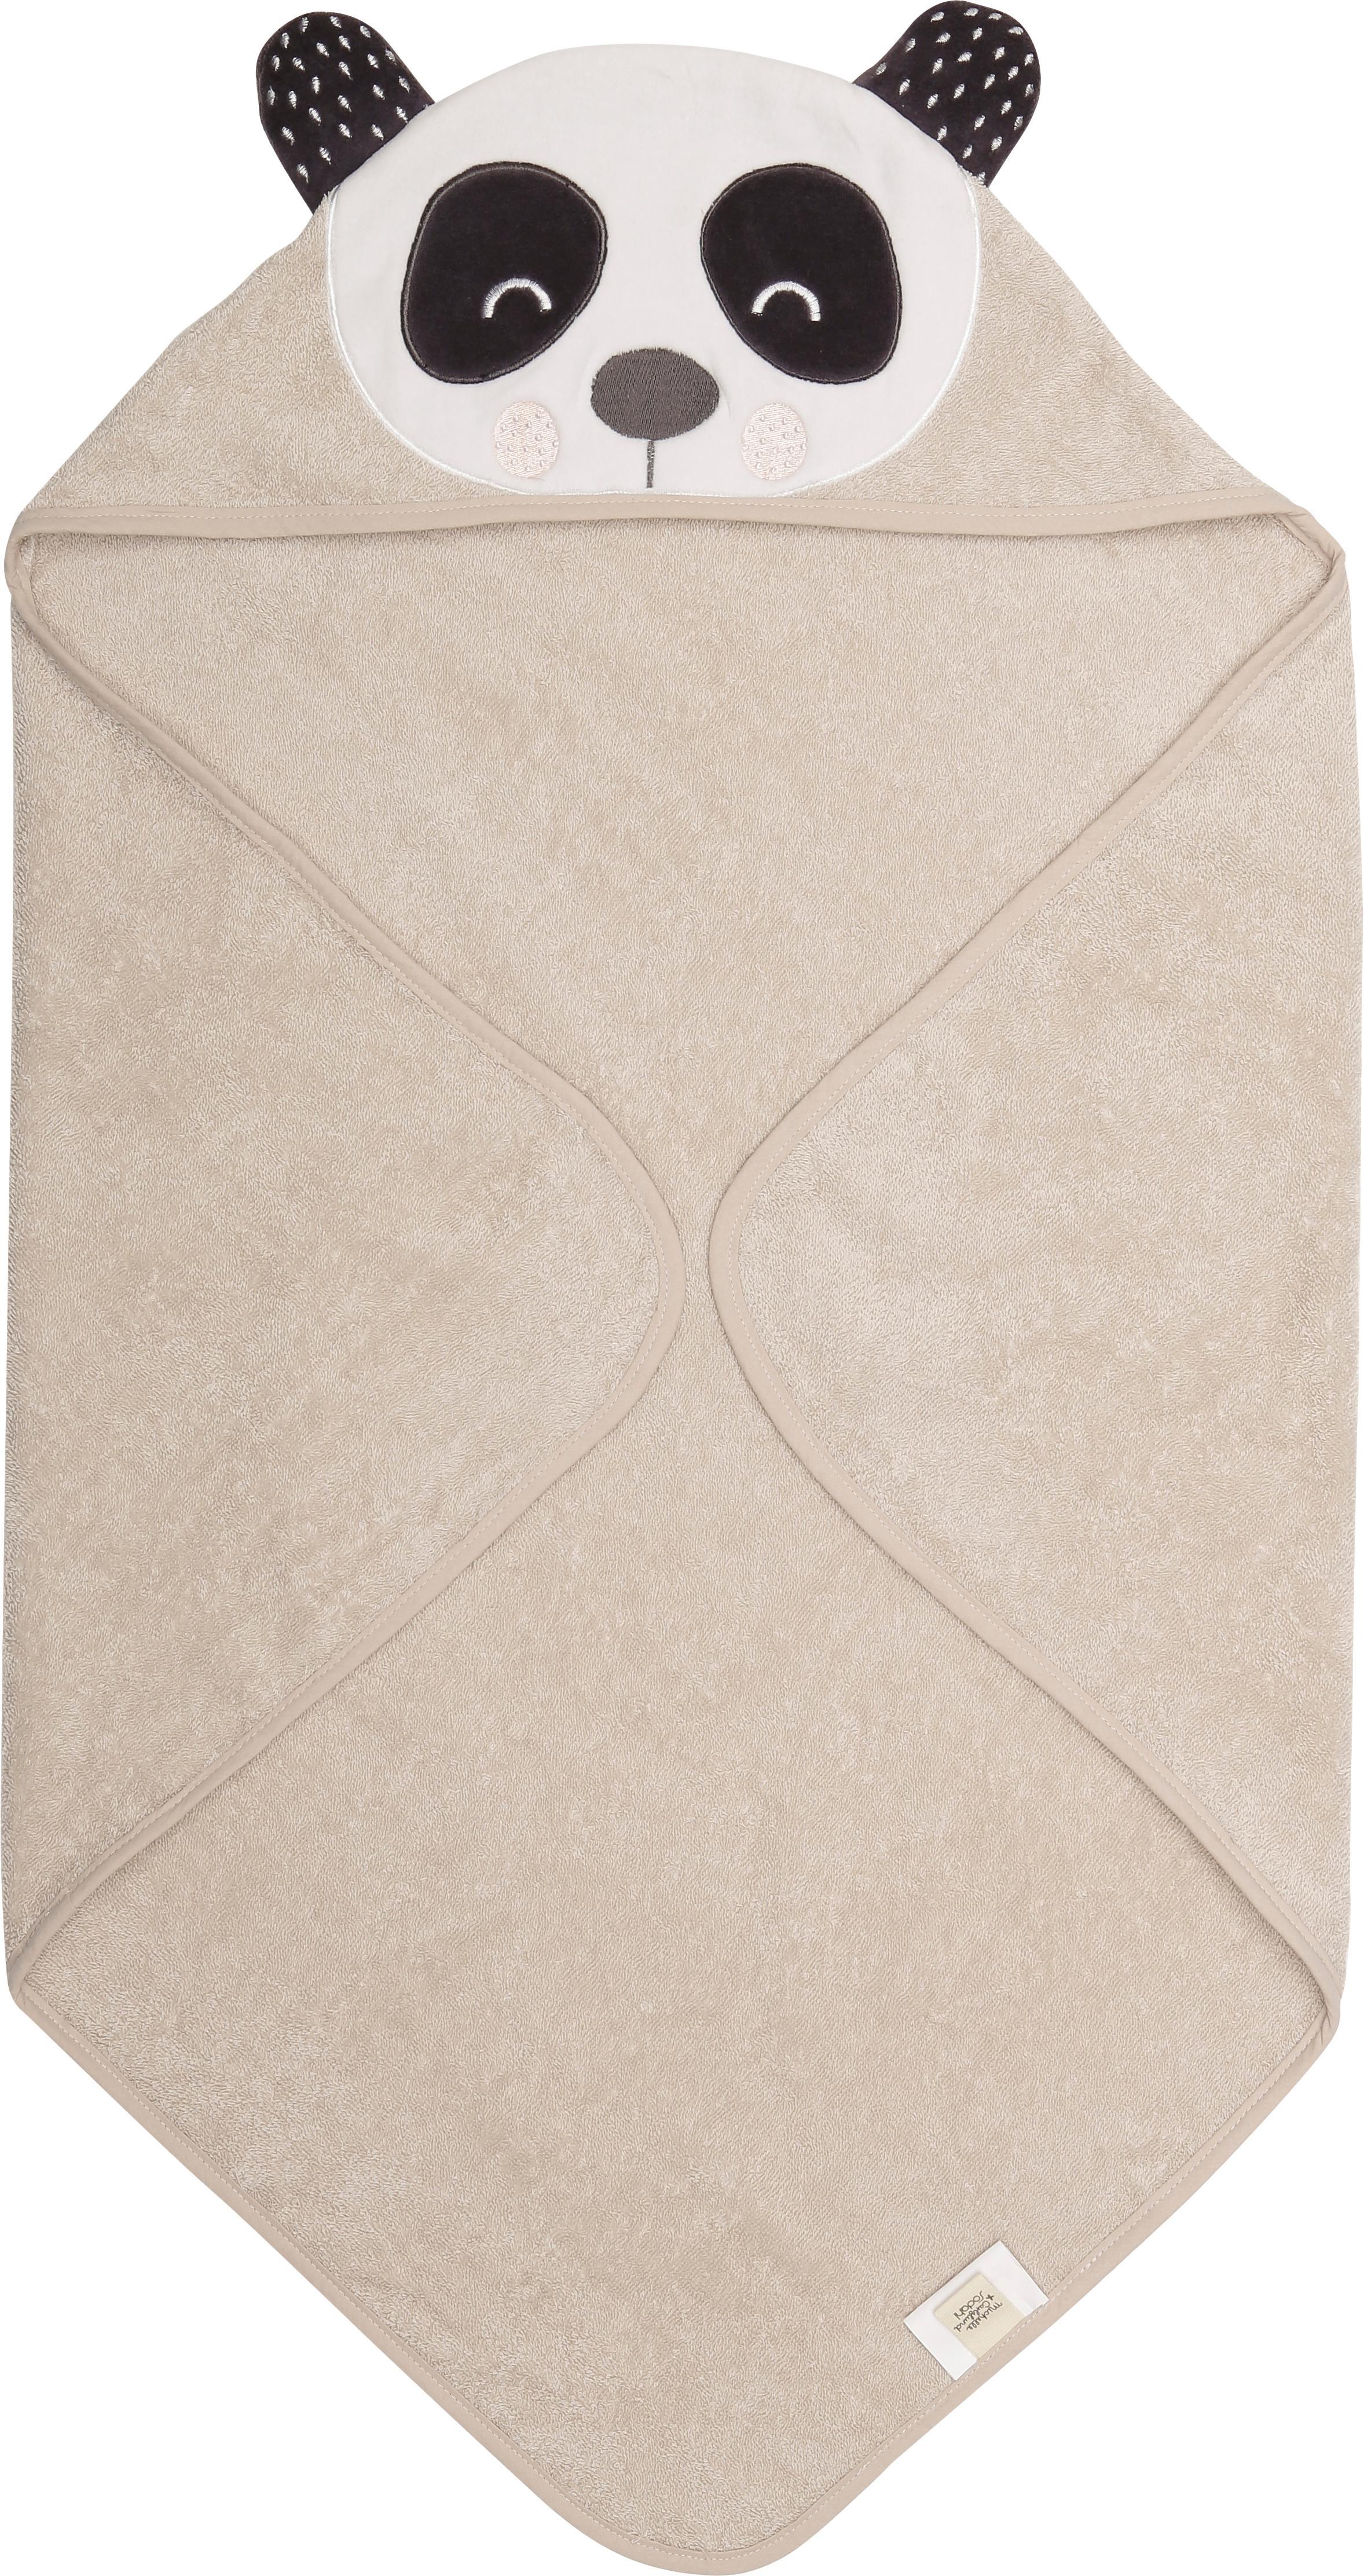 Asciugamano per neonati in cotone organico Panda Penny, Cotone organico, certificato GOTS, Beige, bianco, grigio scuro, Larg. 80 x Lung. 80 cm